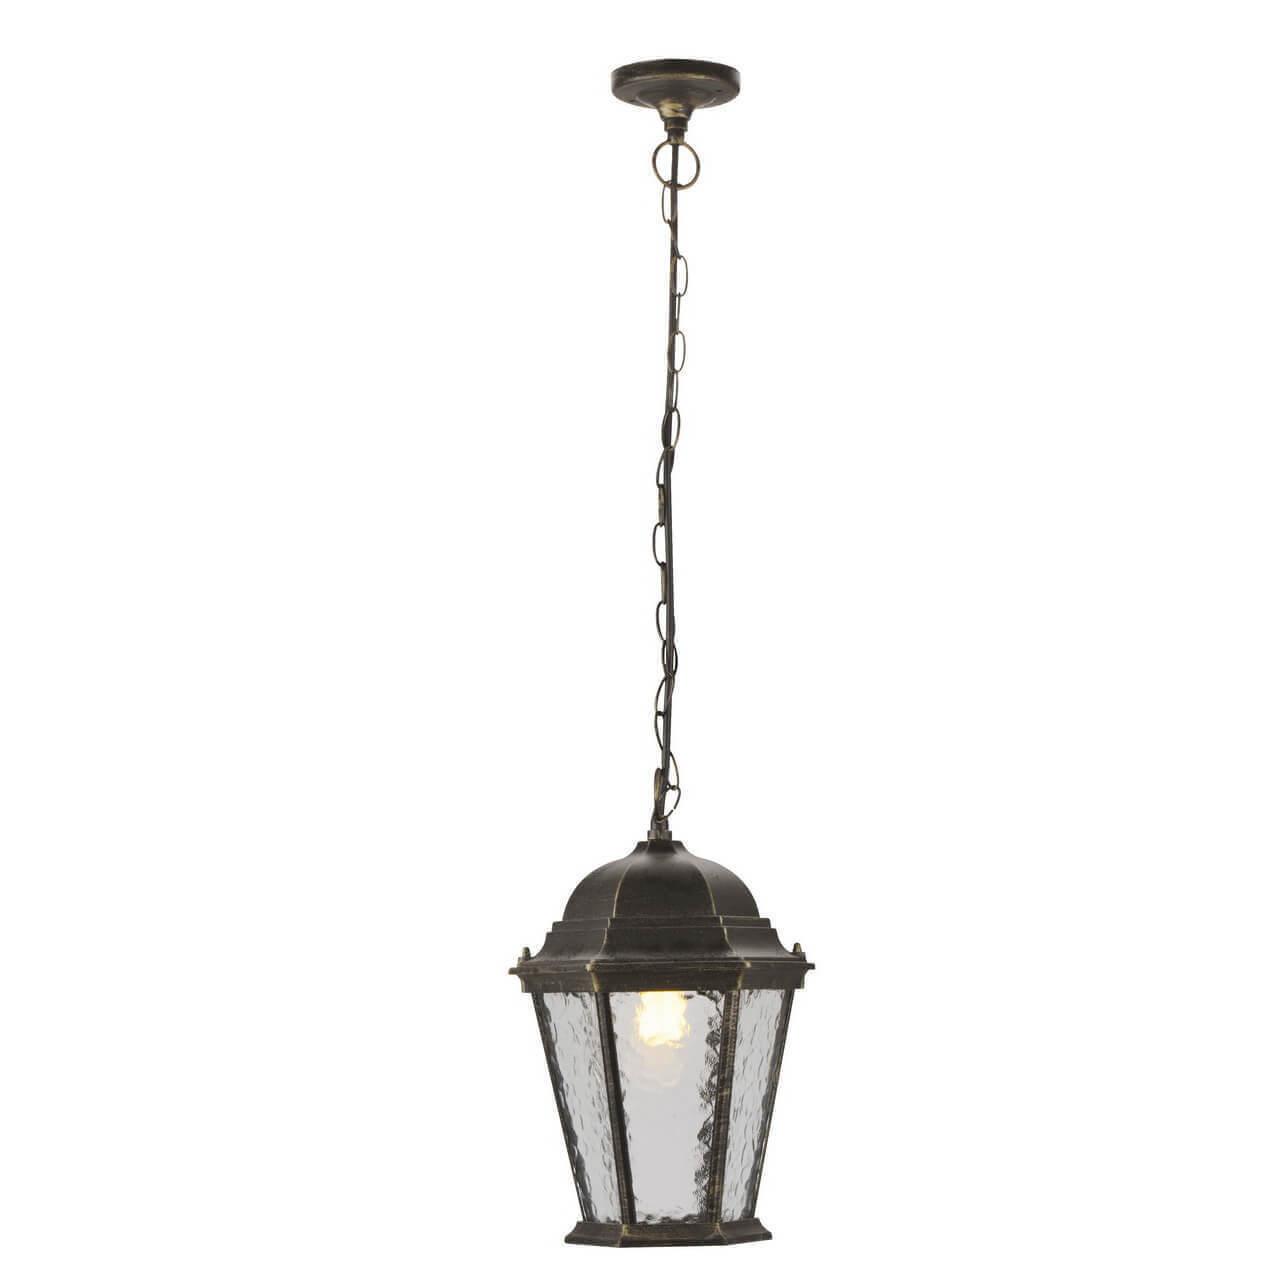 цена на Уличный подвесной светильник Arte Lamp Genova A1205SO-1BN